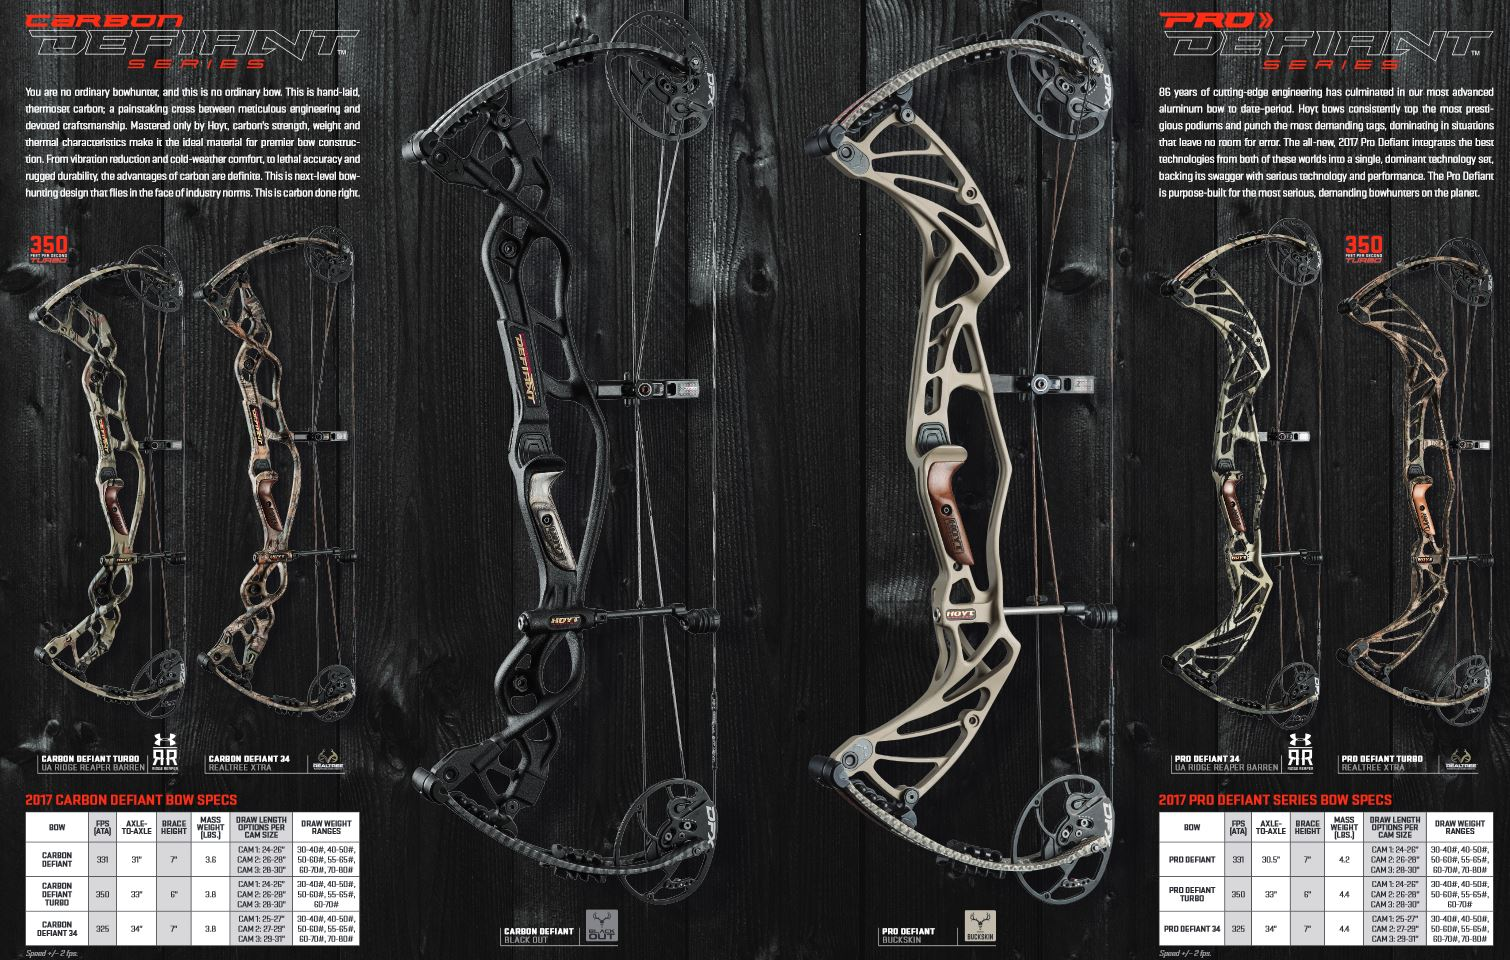 Новые блочные луки HOUY Archery 2017 - отзывы и технические характеристики, обзор